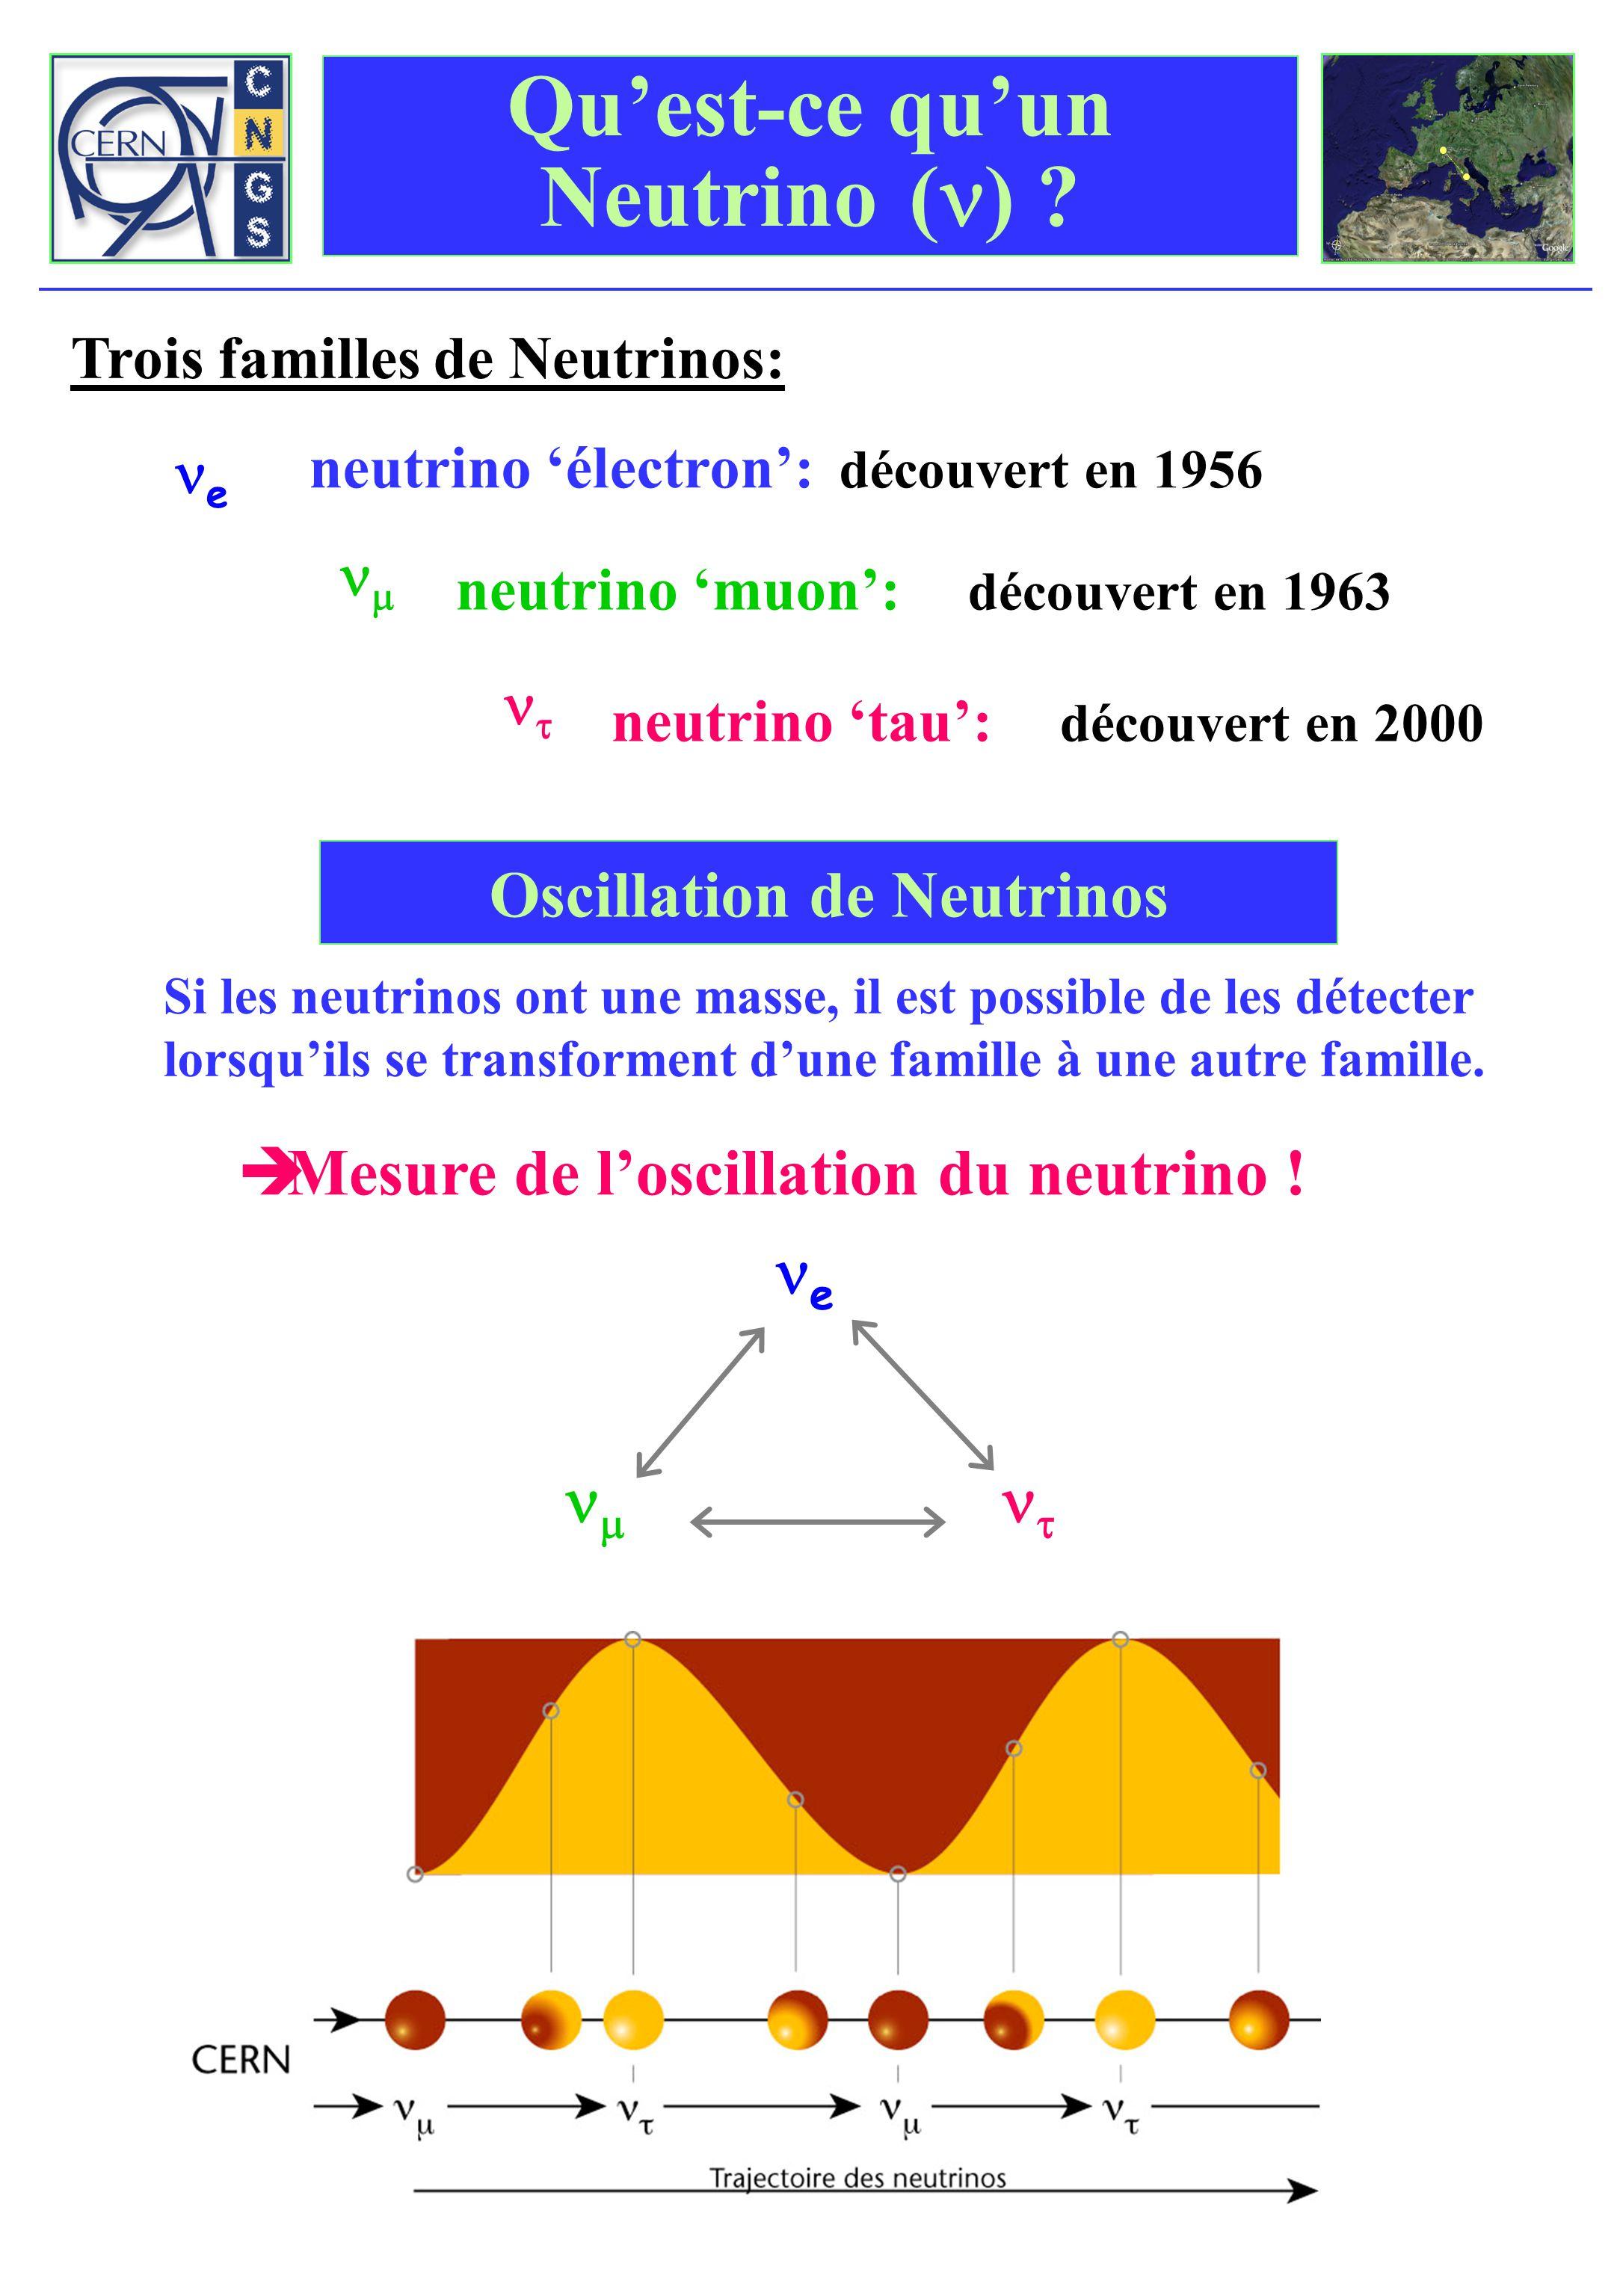 Qu'est-ce qu'un Neutrino (n)